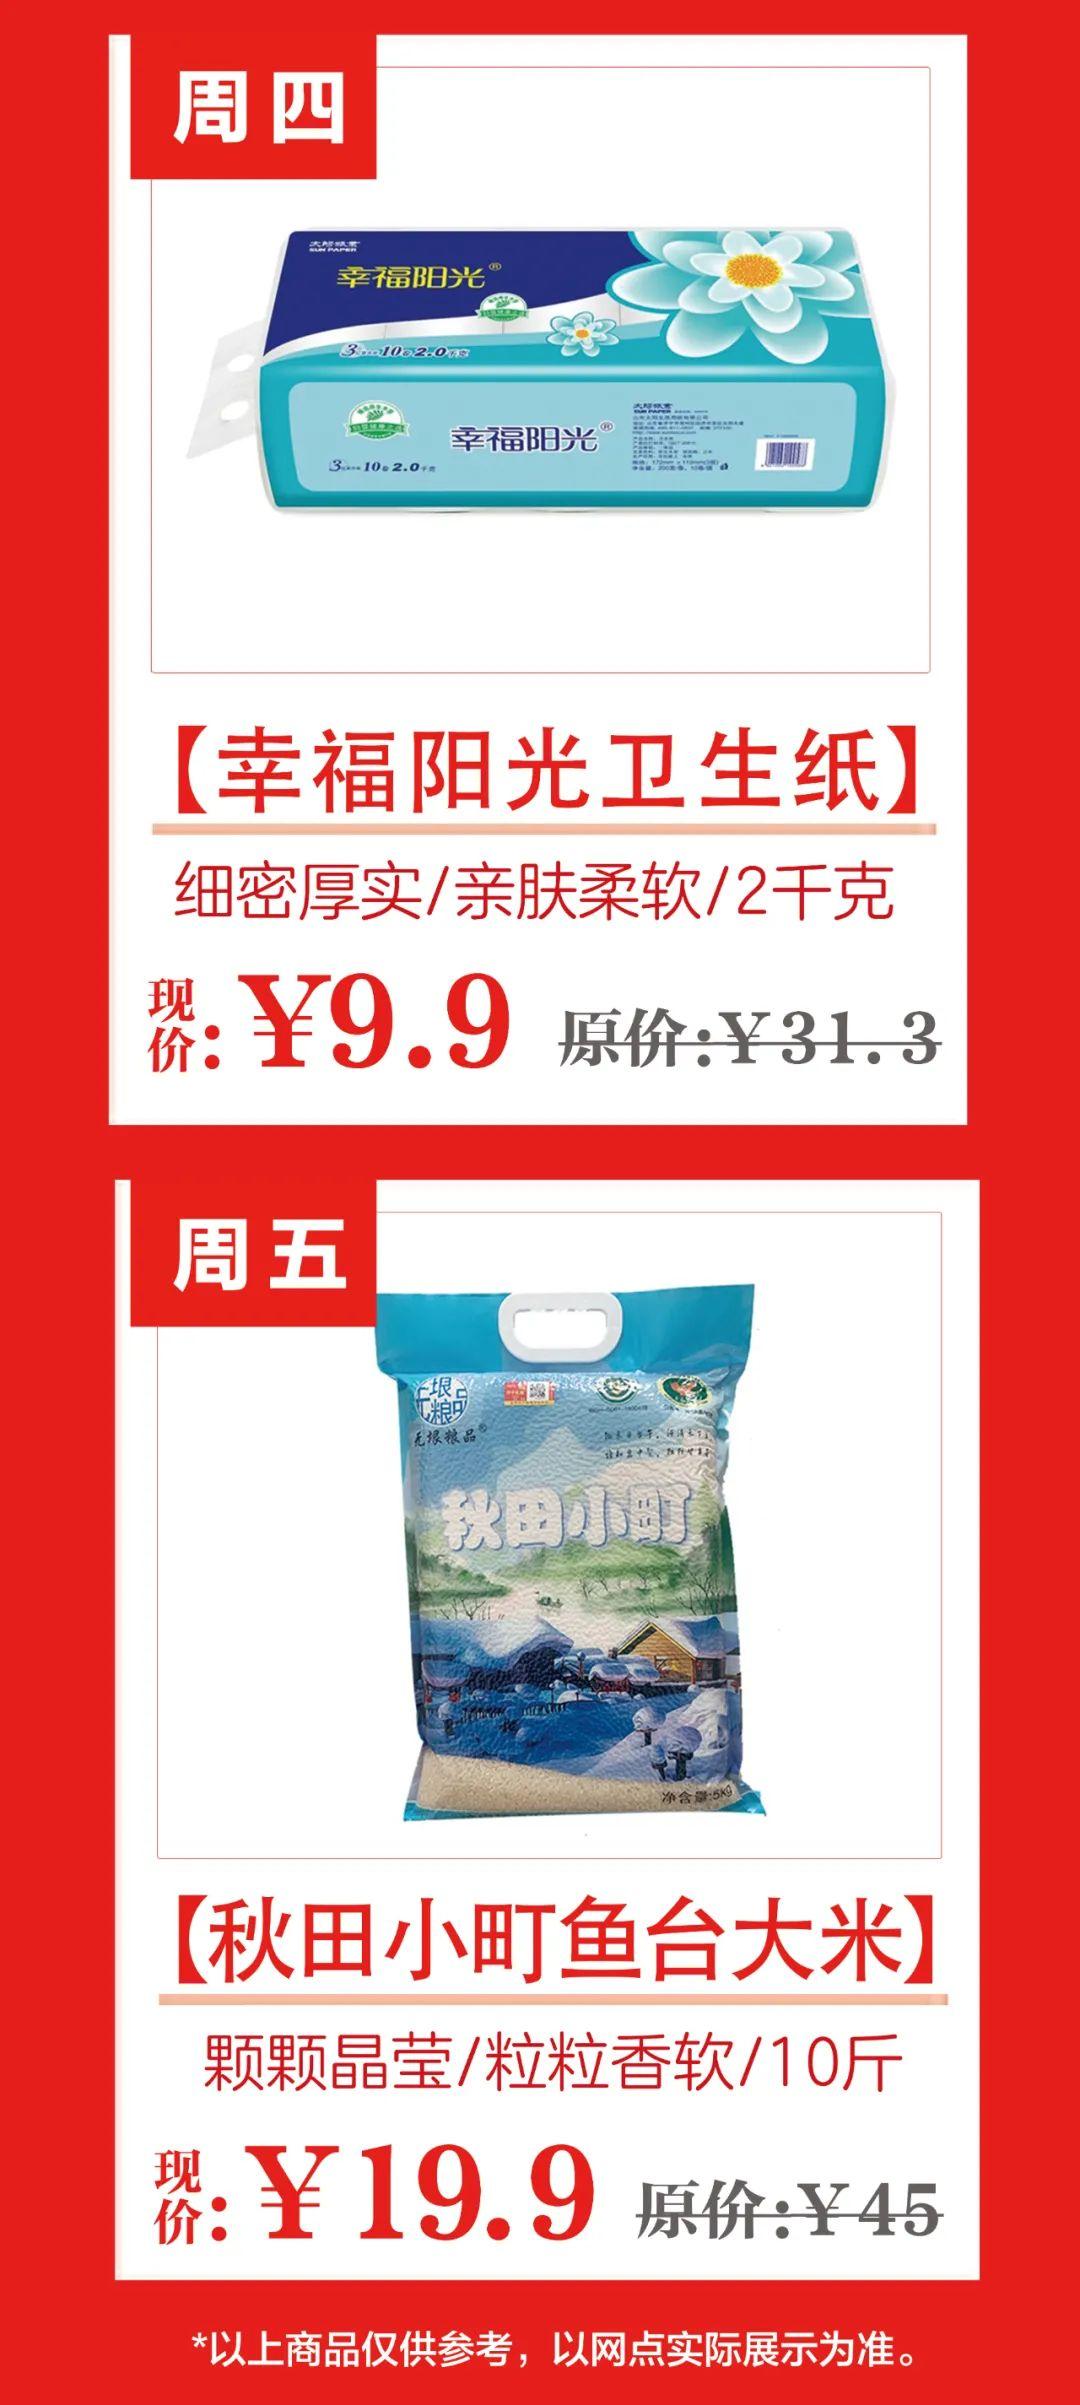 点击看大图 电银付安装教程(dianyinzhifu.com):好消息 | 济宁银行网点小店上线啦~ 第3张